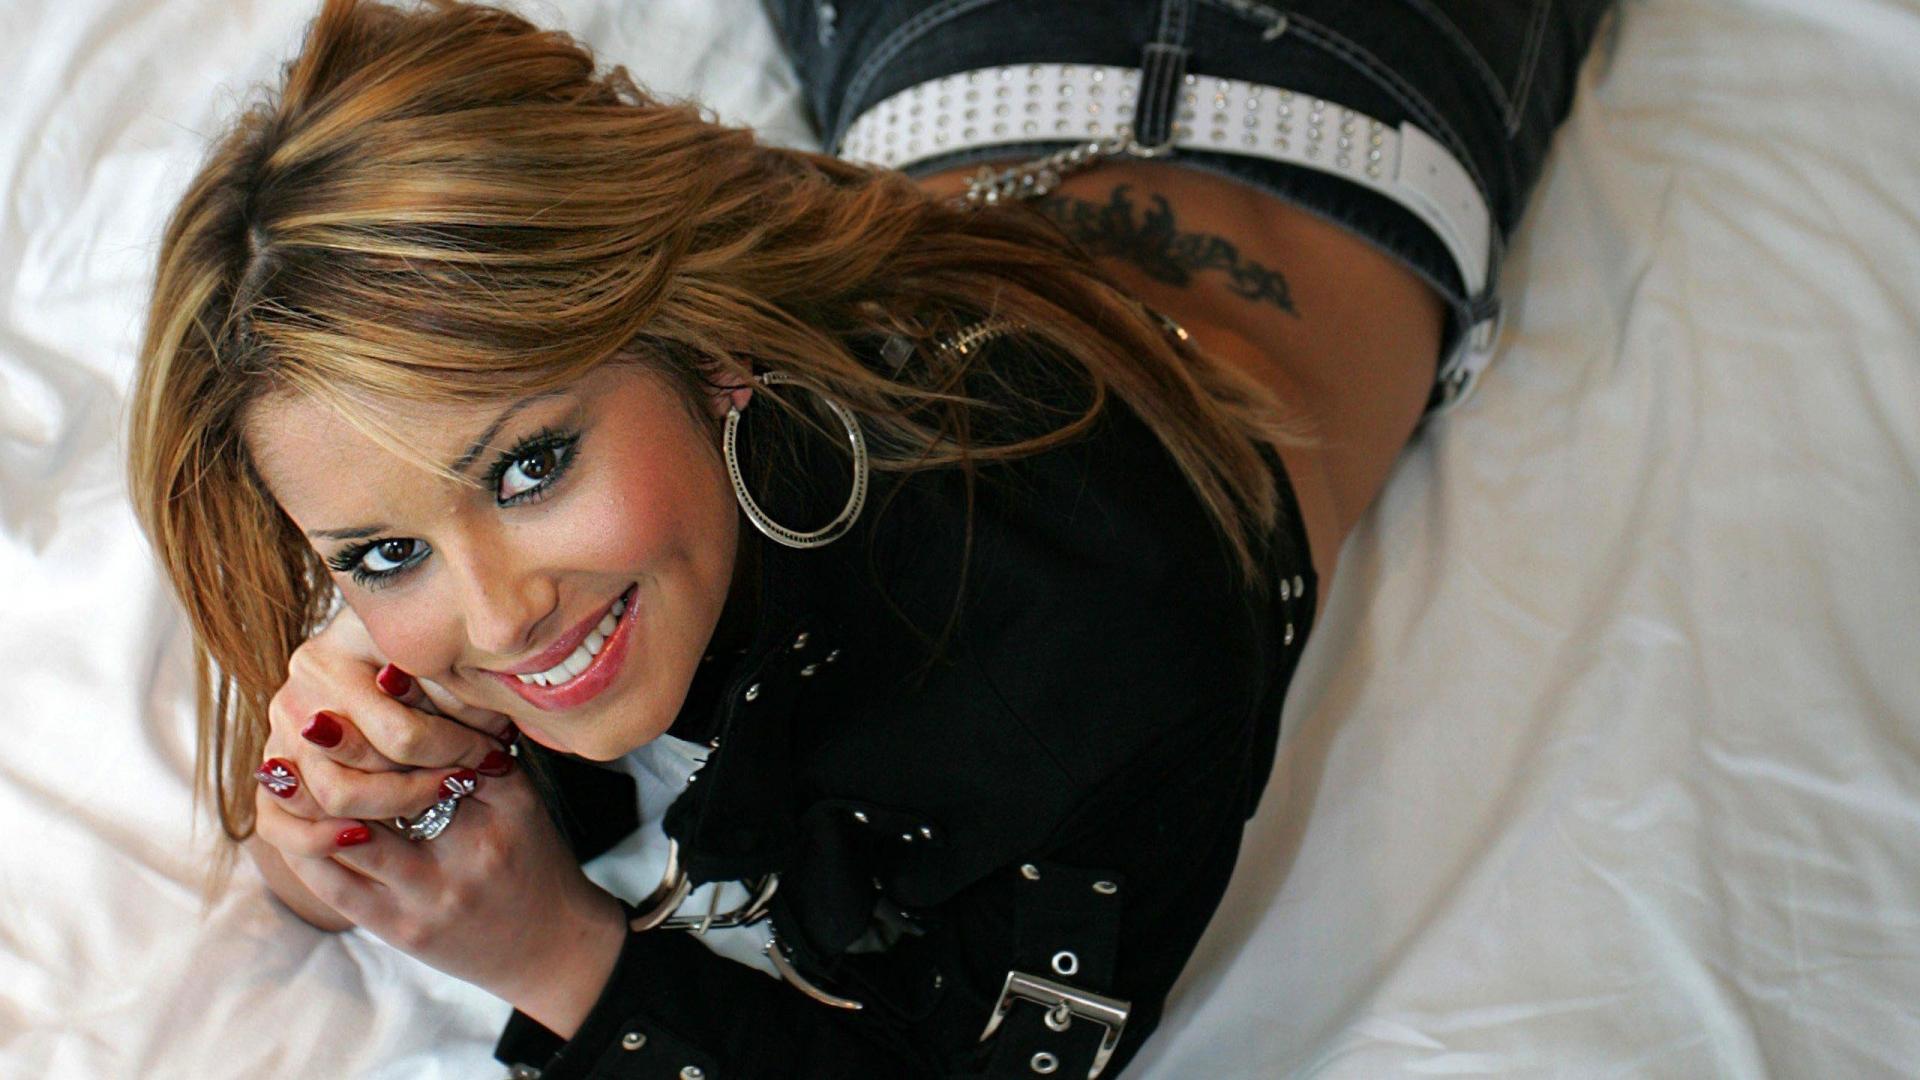 Cheryl Cole con tatuaje - 1920x1080